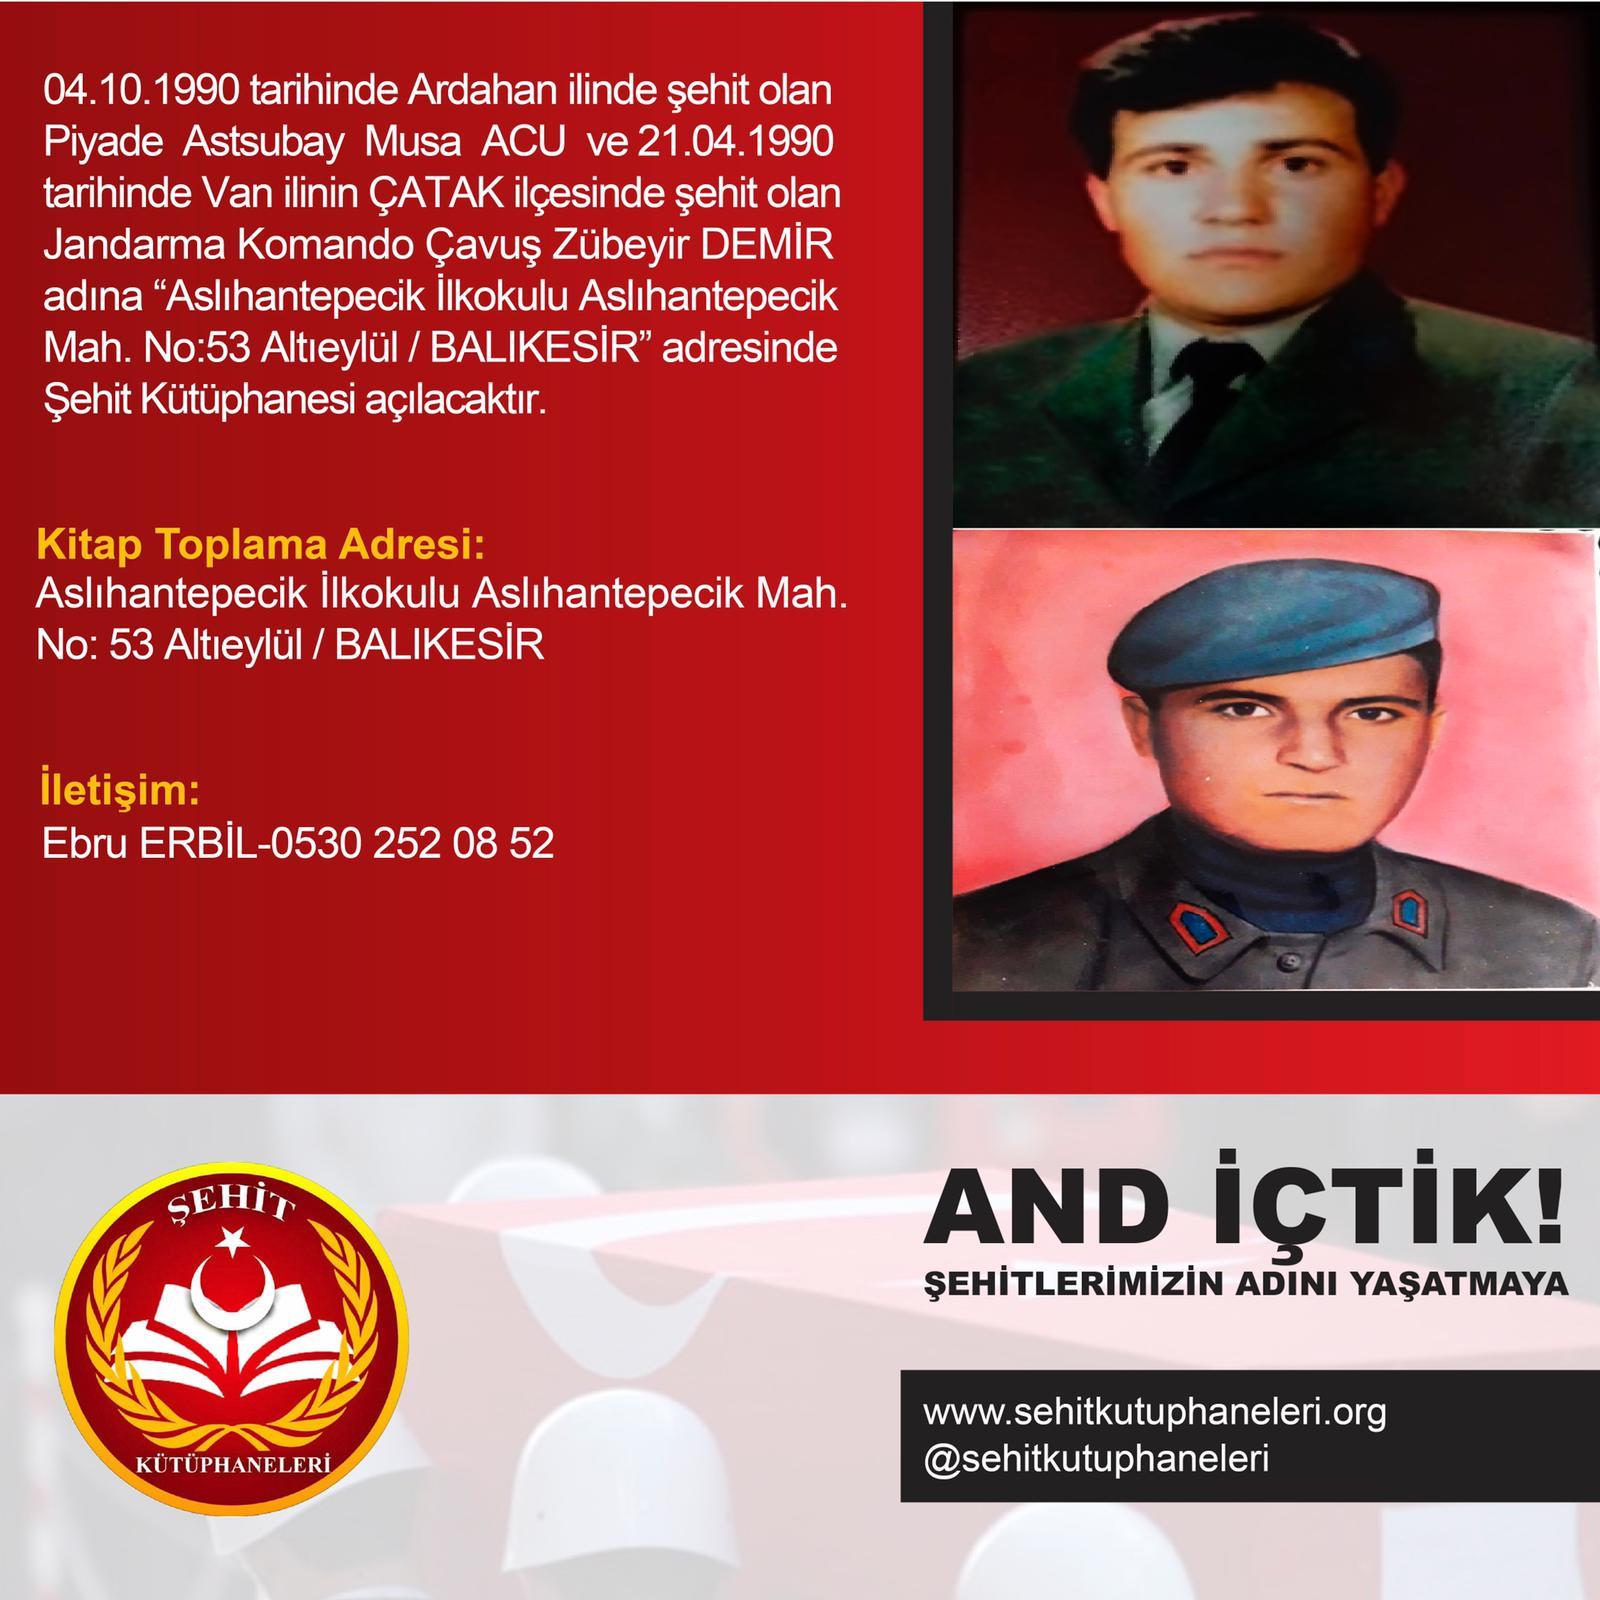 Şehit Piyade Astsubay Musa ACU ve Şehit Jandarma Komando Çavuş Zübeyr DEMİR Kütüphanesi